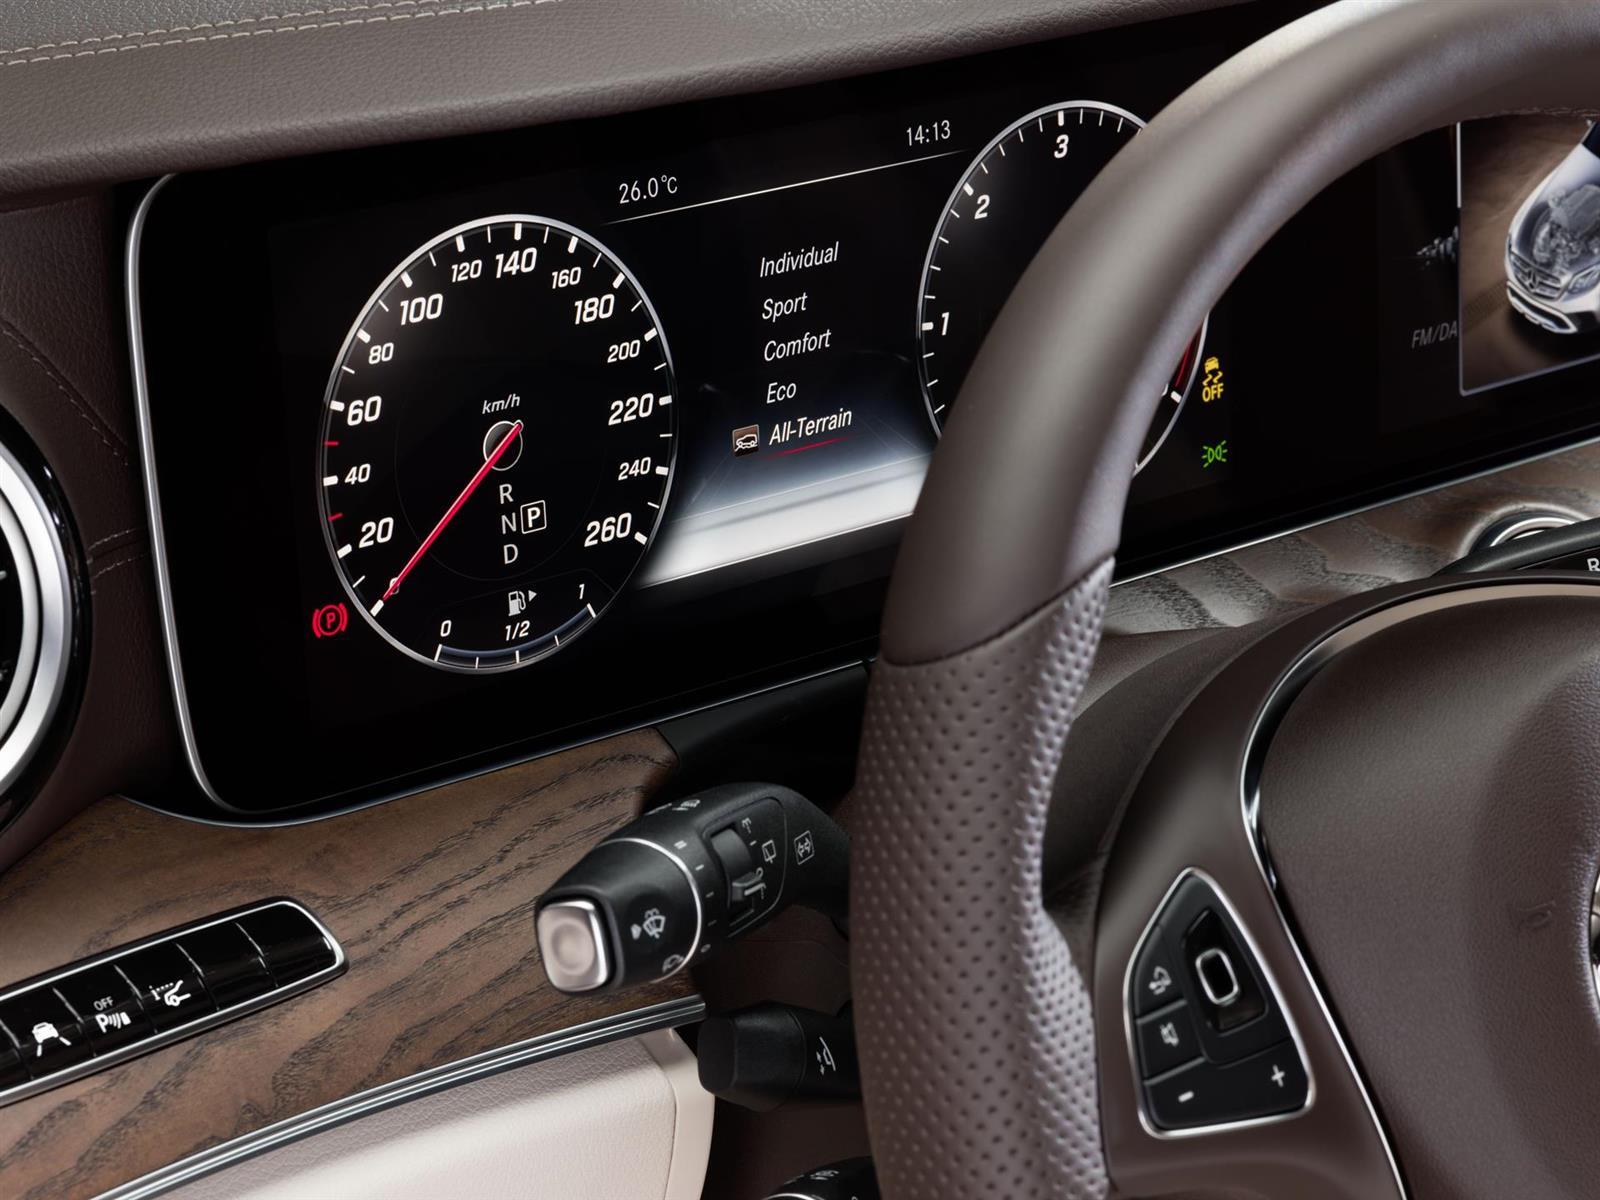 2016 Mercedes-Benz E-Class All-Terrain